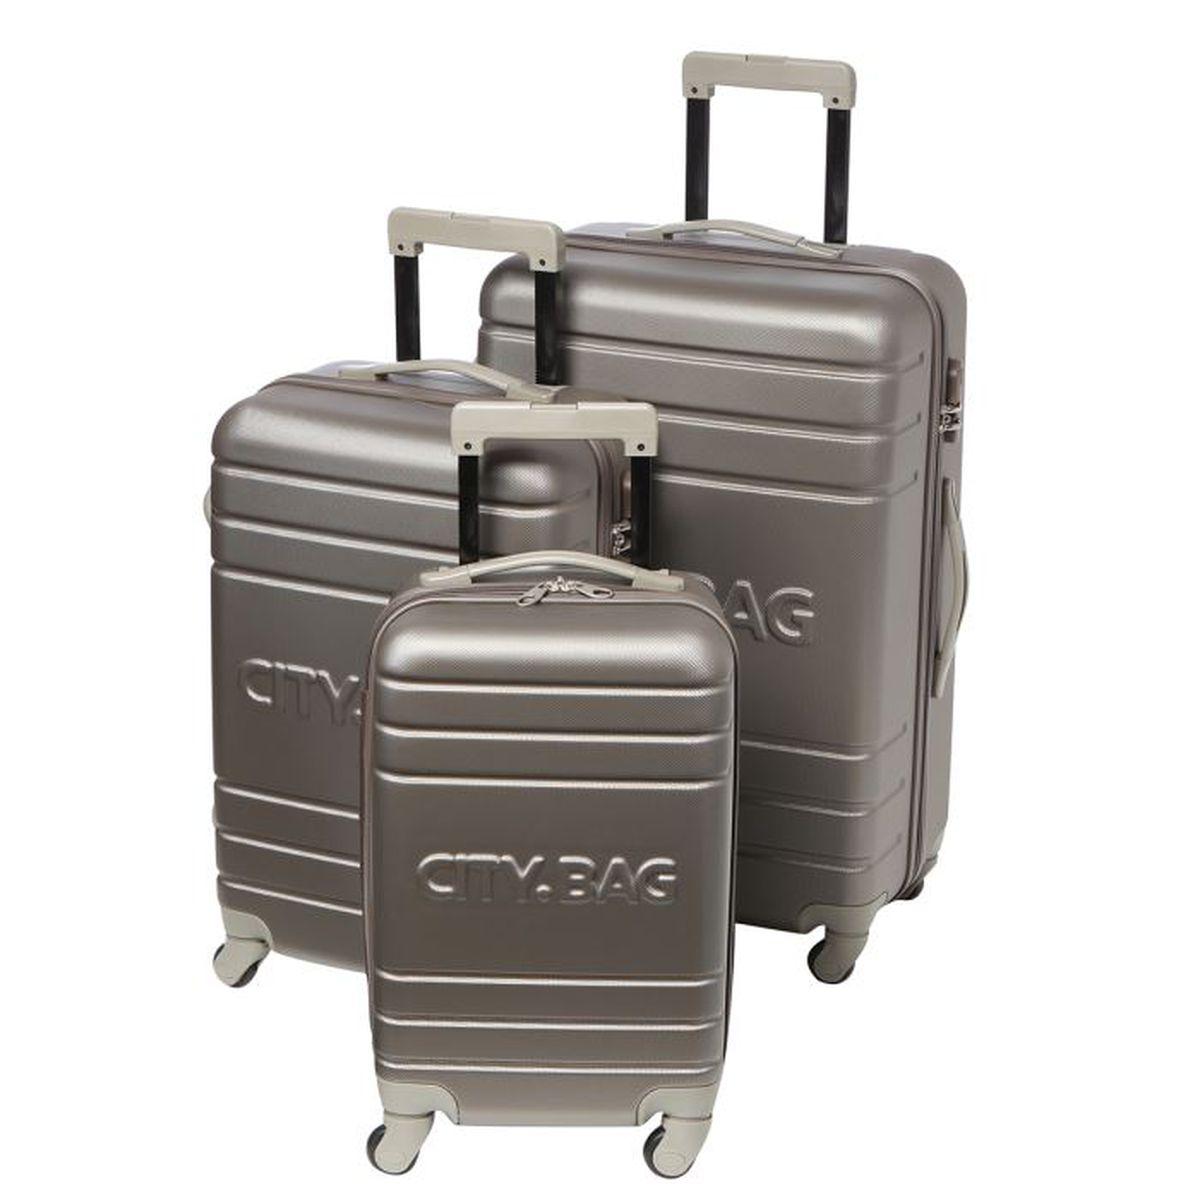 SET DE VALISES CITY BAG Set de 3 valises trolley CHICAGO